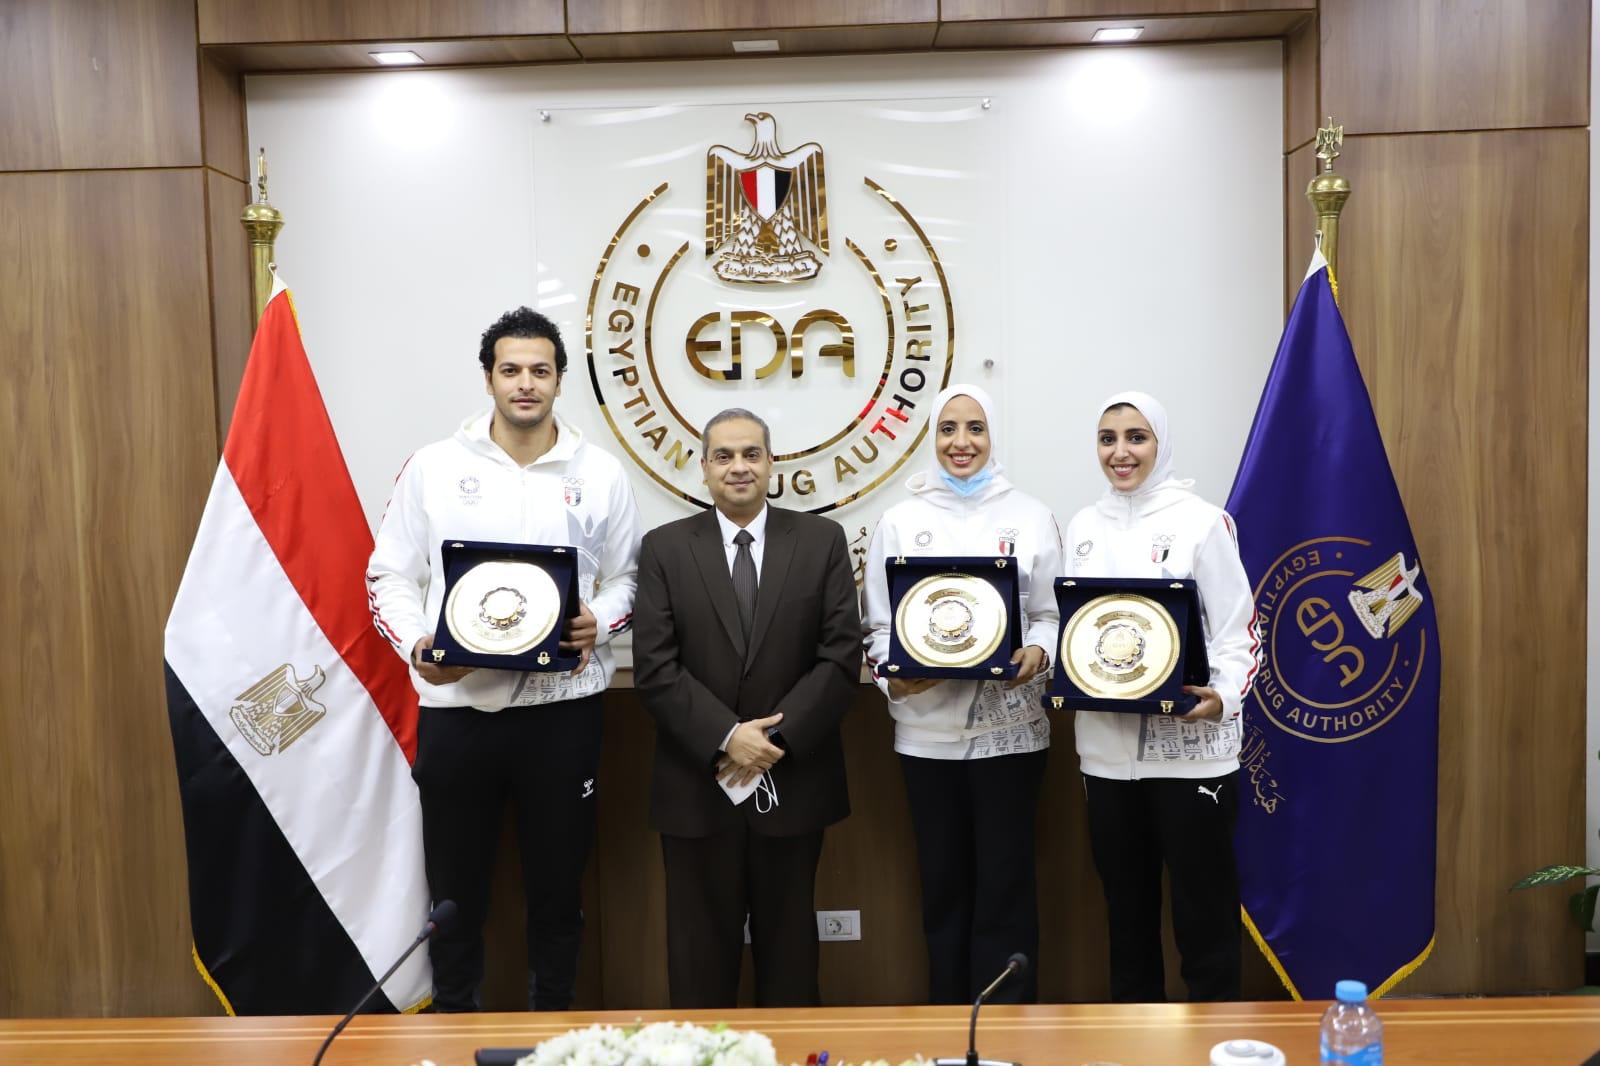 هيئة الدواء المصرية تكرم أبطال مصر بأوليمبياد طوكيو ٢٠٢٠